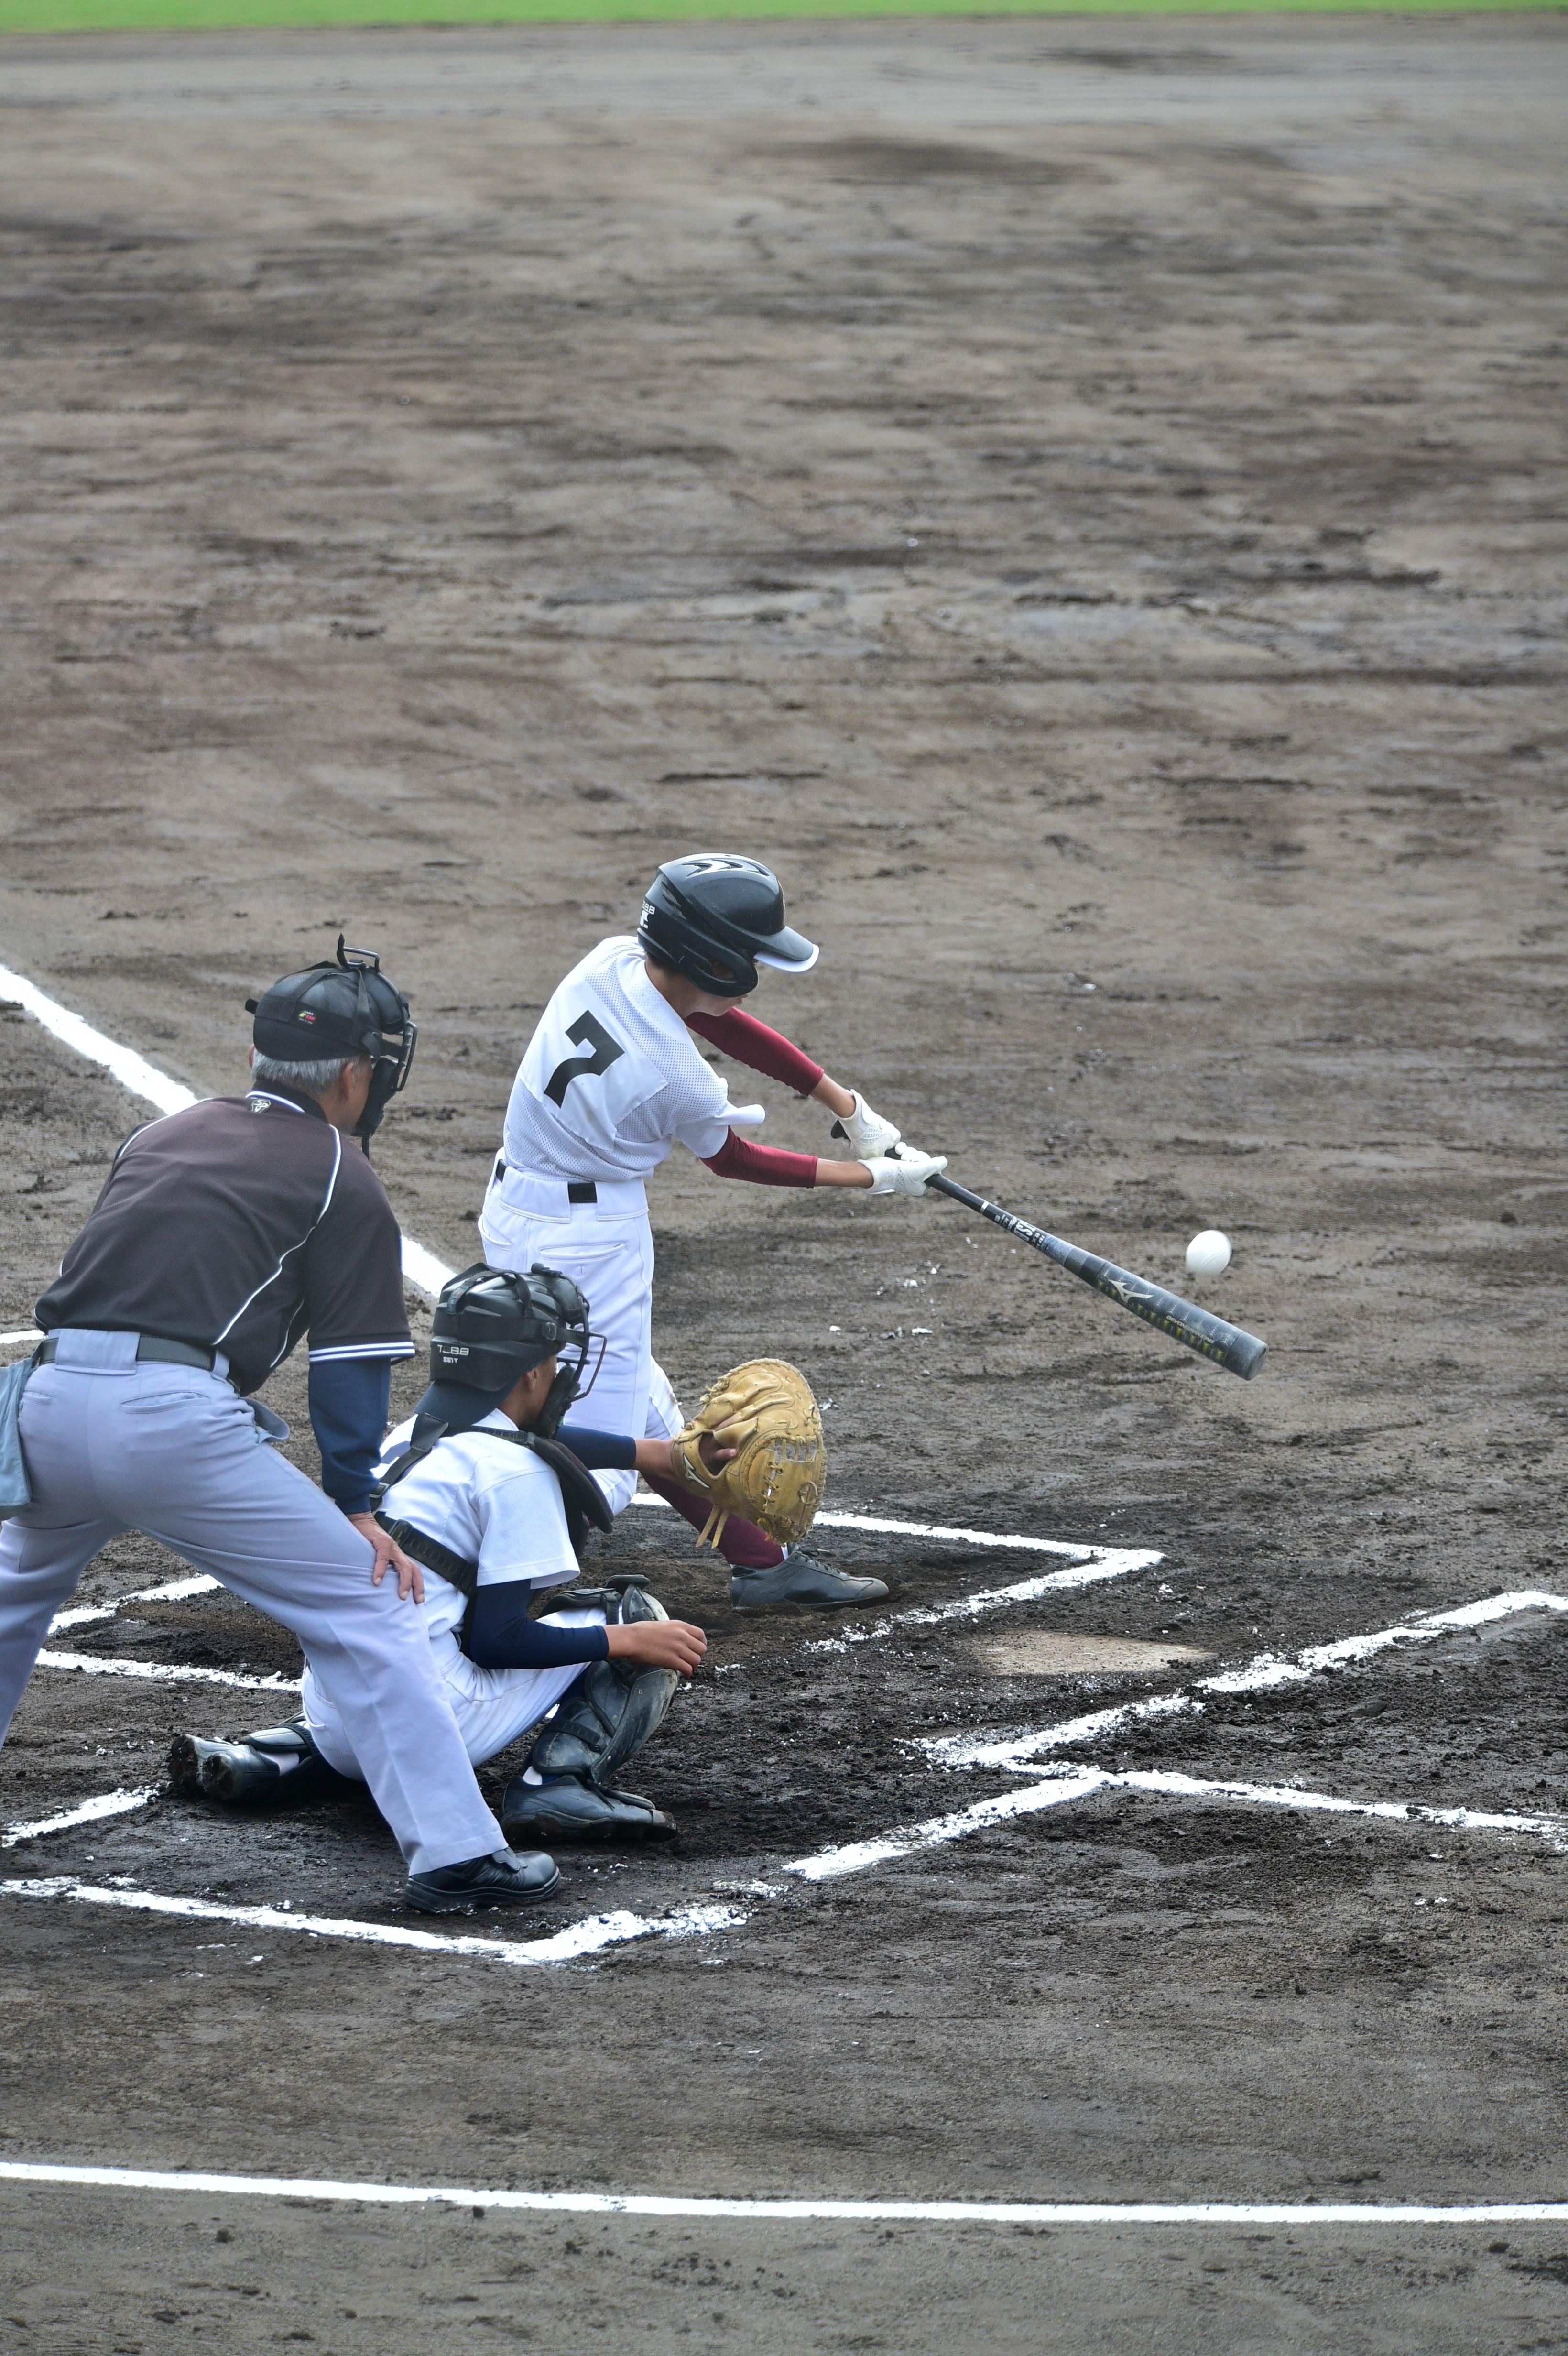 軟式野球 (53)